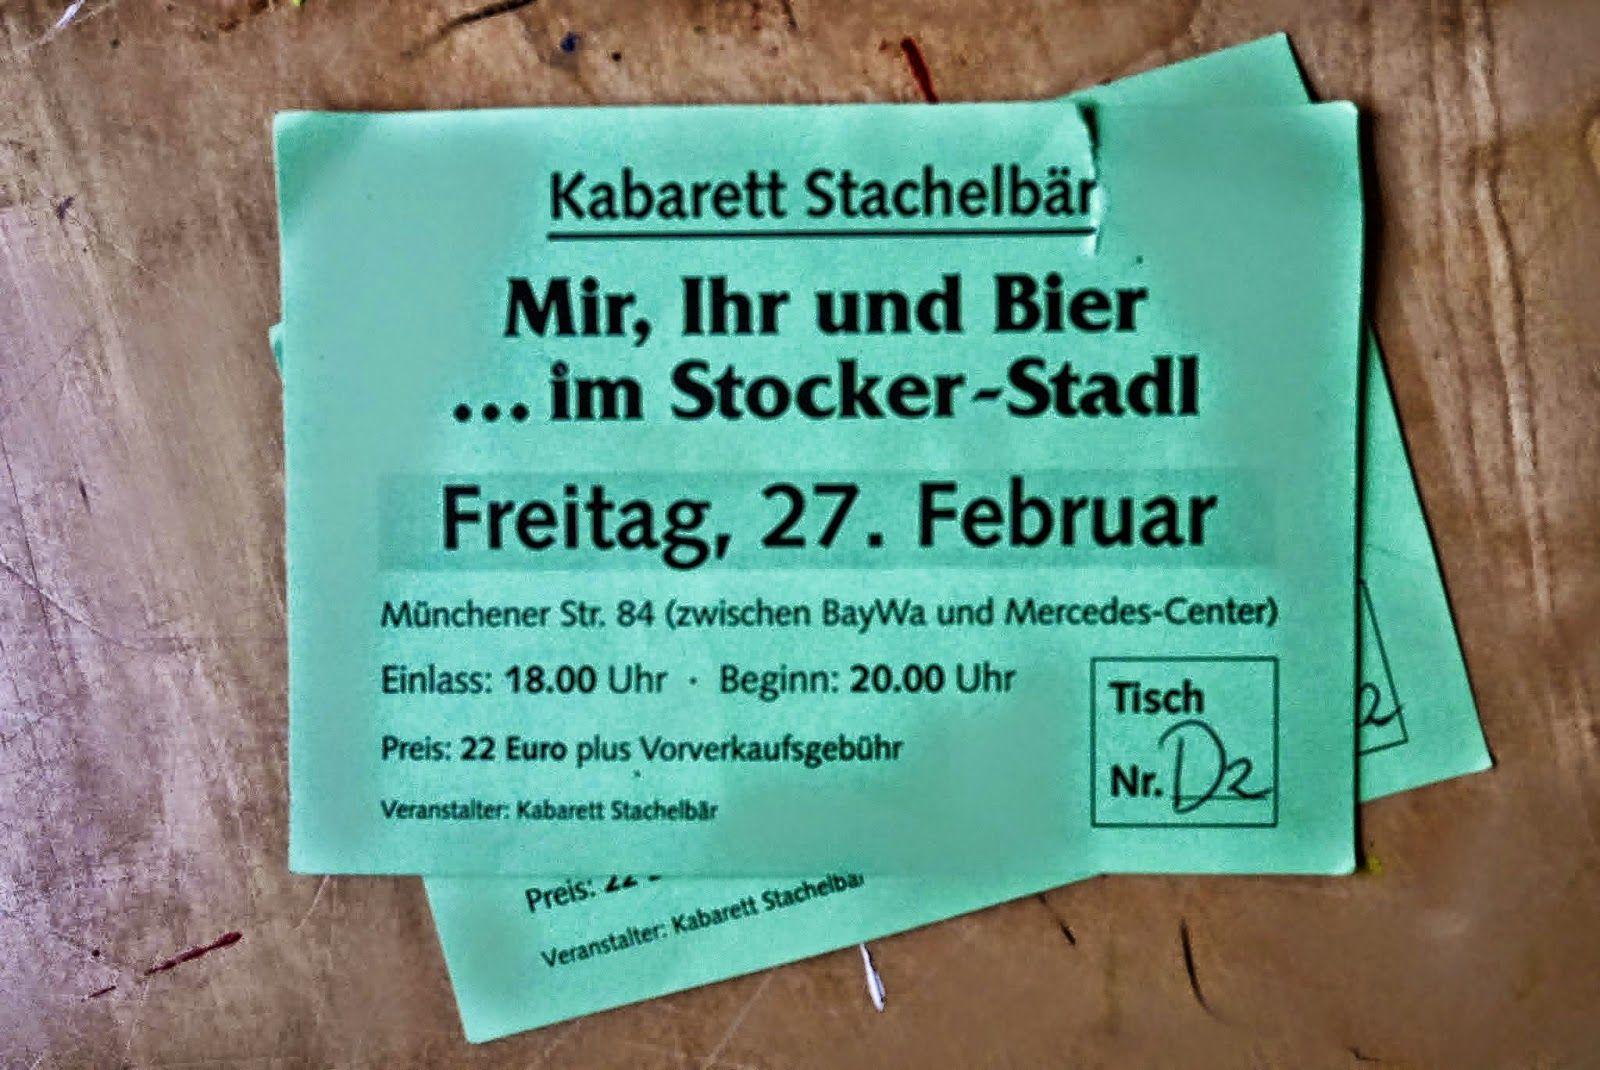 Paf Und I Starkbier Kabarett Stachelbär 2015 I Habl And Friends